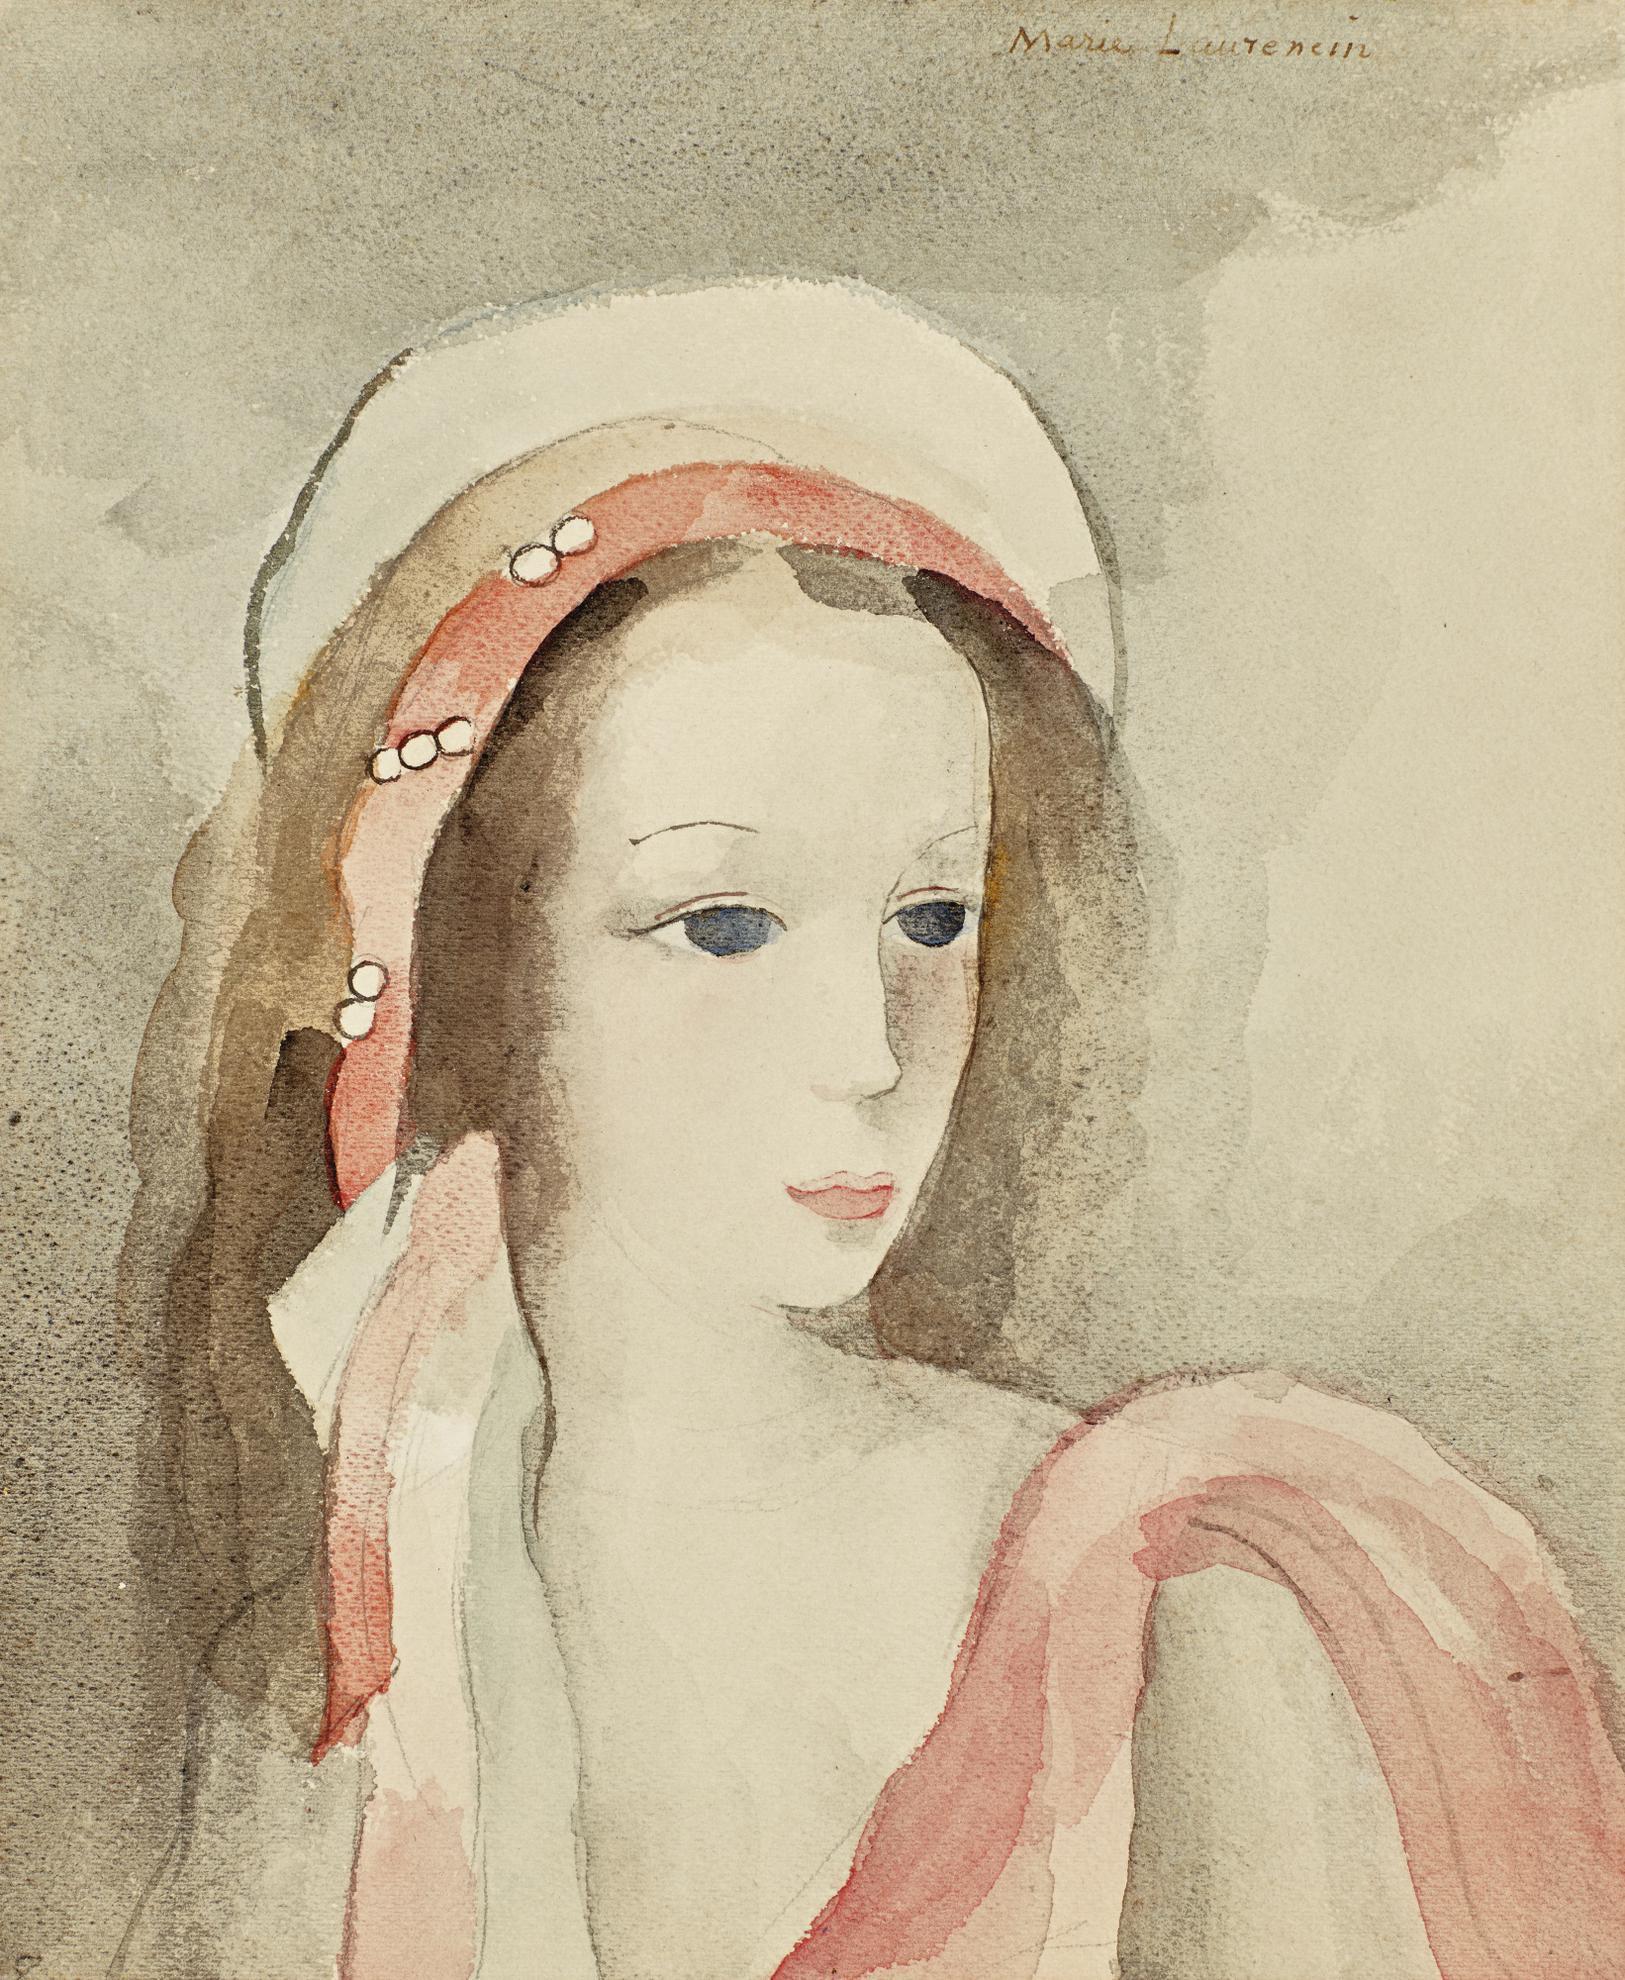 Marie Laurencin-Jeune Fille Au Turban Perle Rose-